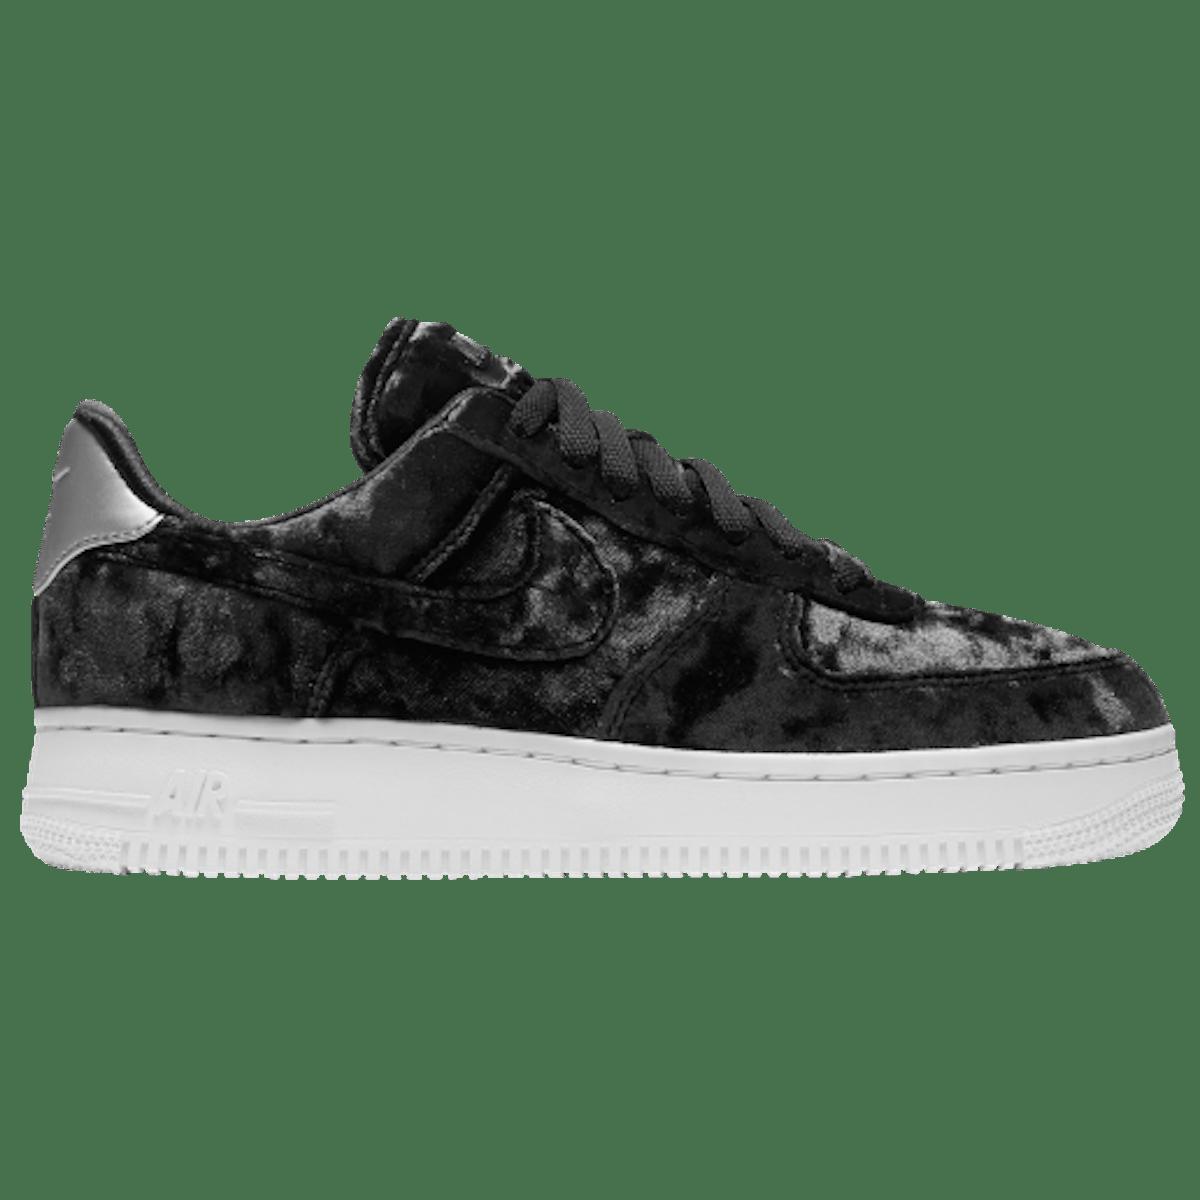 Nike Air Force 1 '07 Premium Velvet